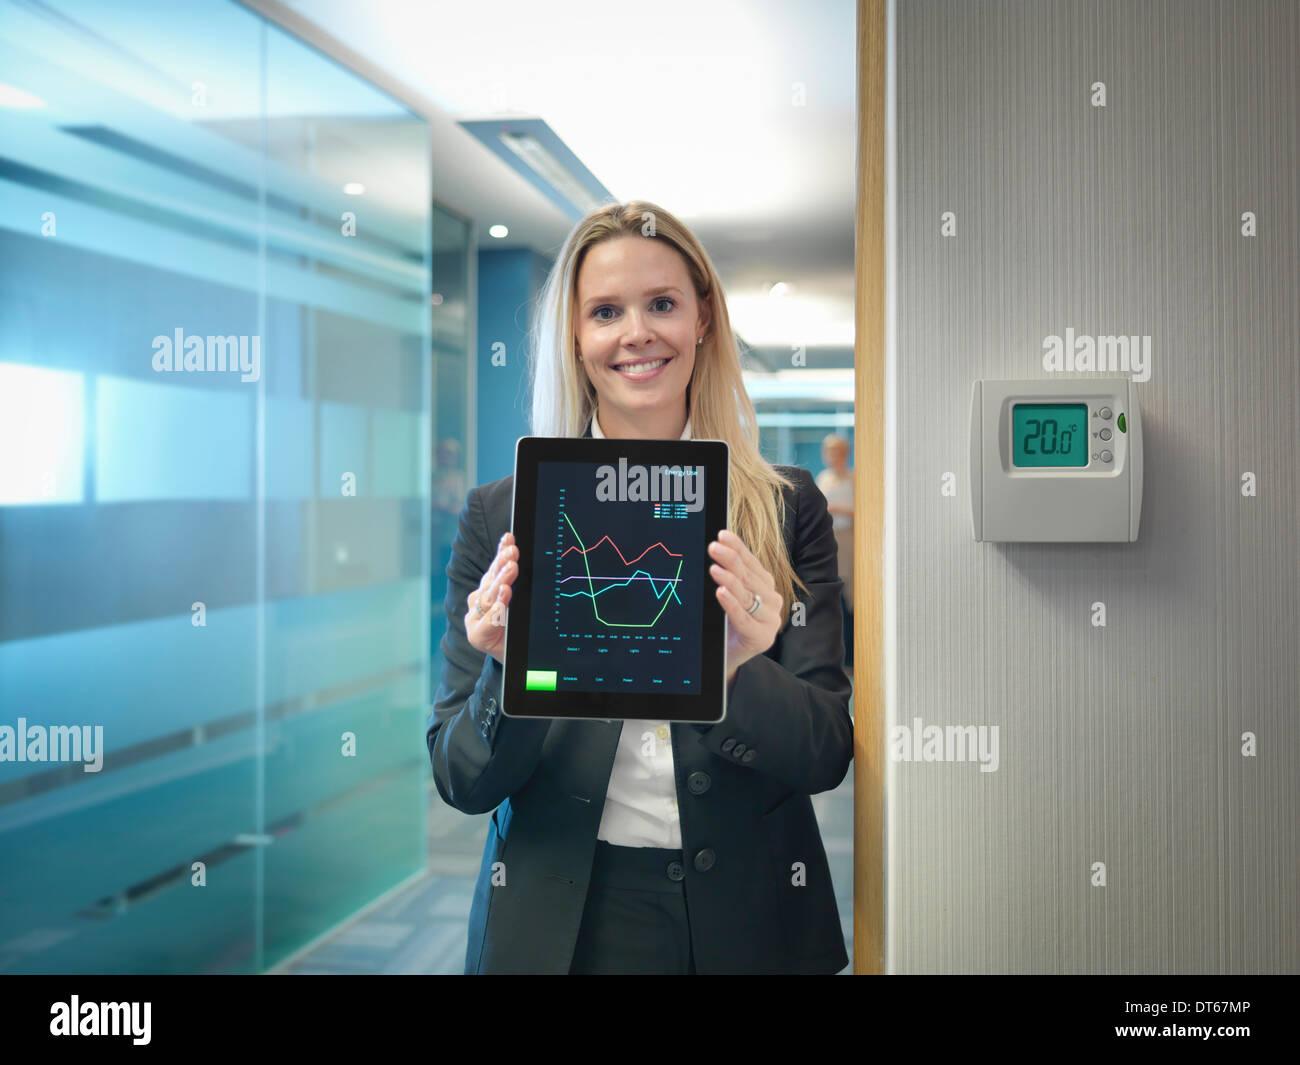 Ritratto di lavoratore di ufficio azienda digitale compressa accanto a office termostato regolato per risparmiare energia Immagini Stock